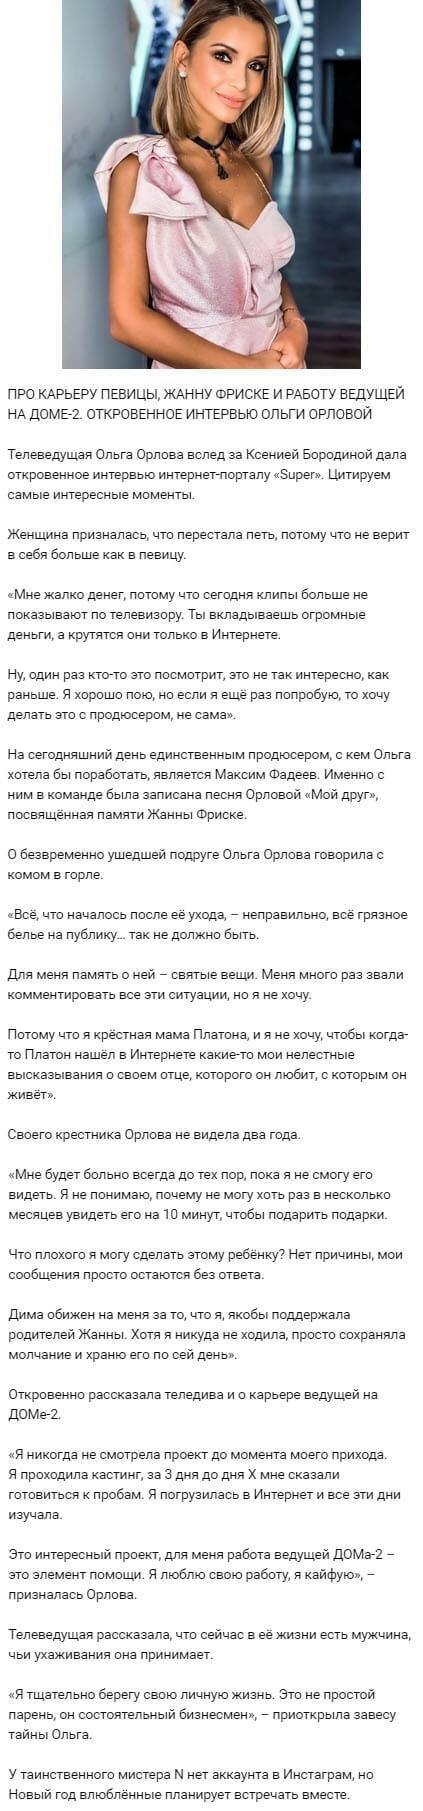 Ольга Орлова рассказала о своих новых отношениях